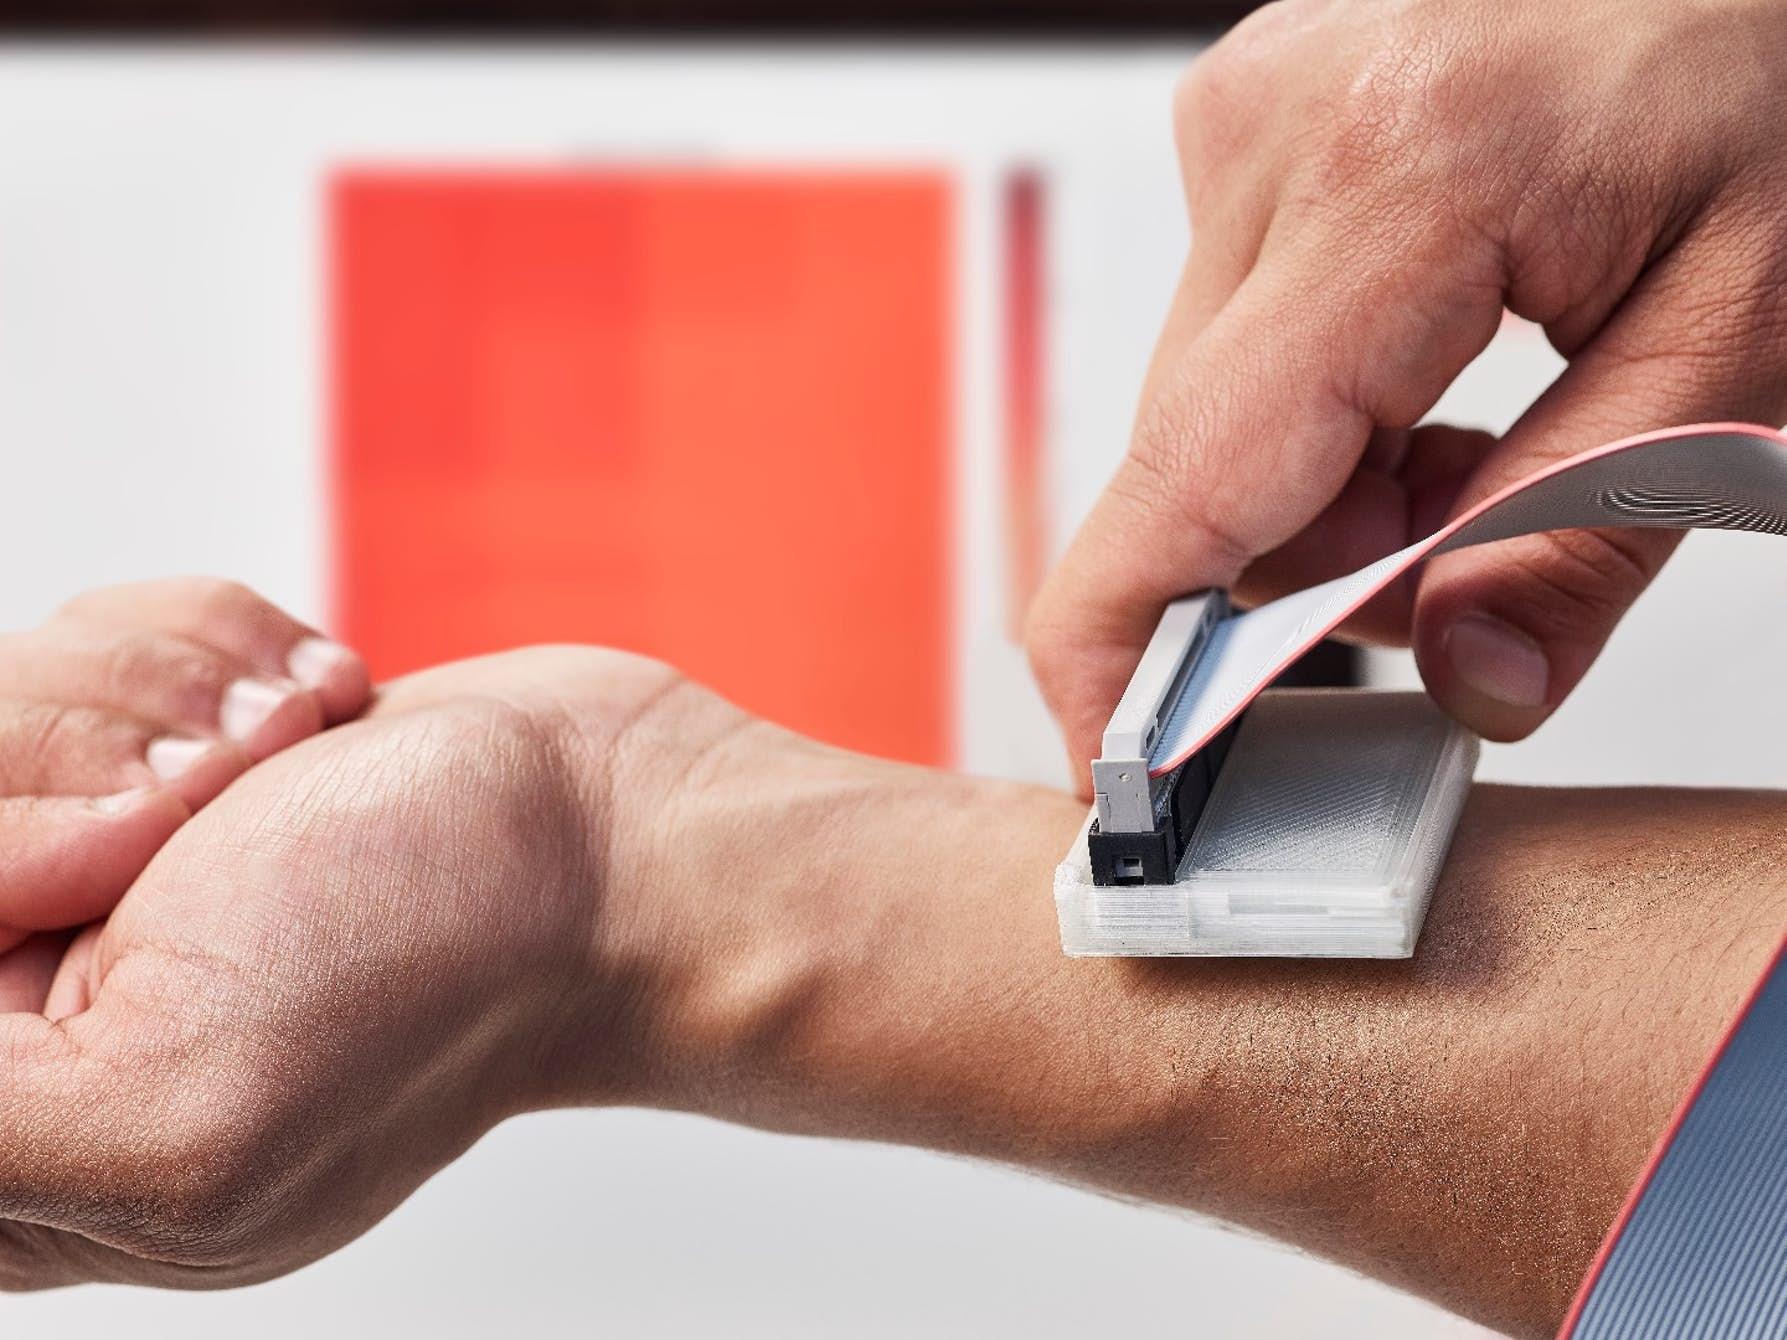 سرطان پوست را با این دستگاه شناسایی کنید